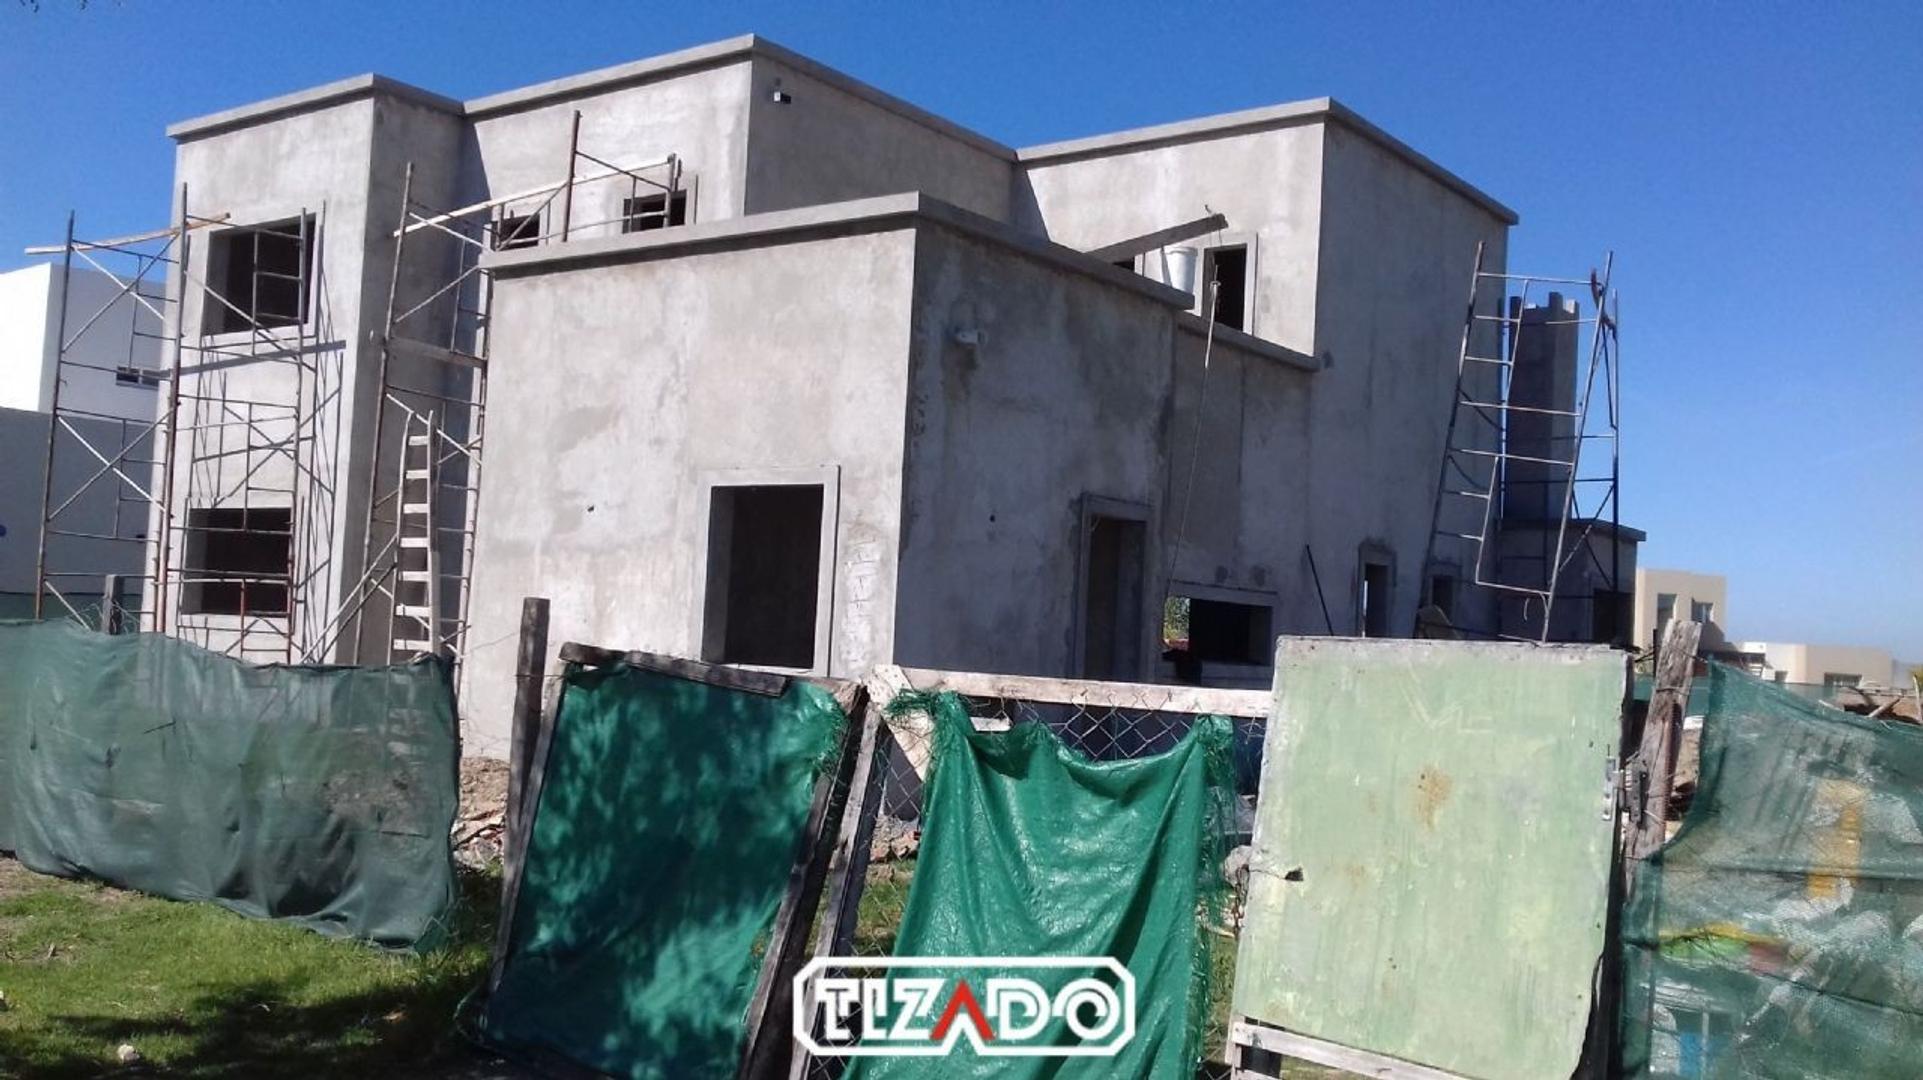 Tizado Pilar vende casa 5 ambientes en Barrio El Canton, Escobar y alrededores - PIL3801_LP166067_1